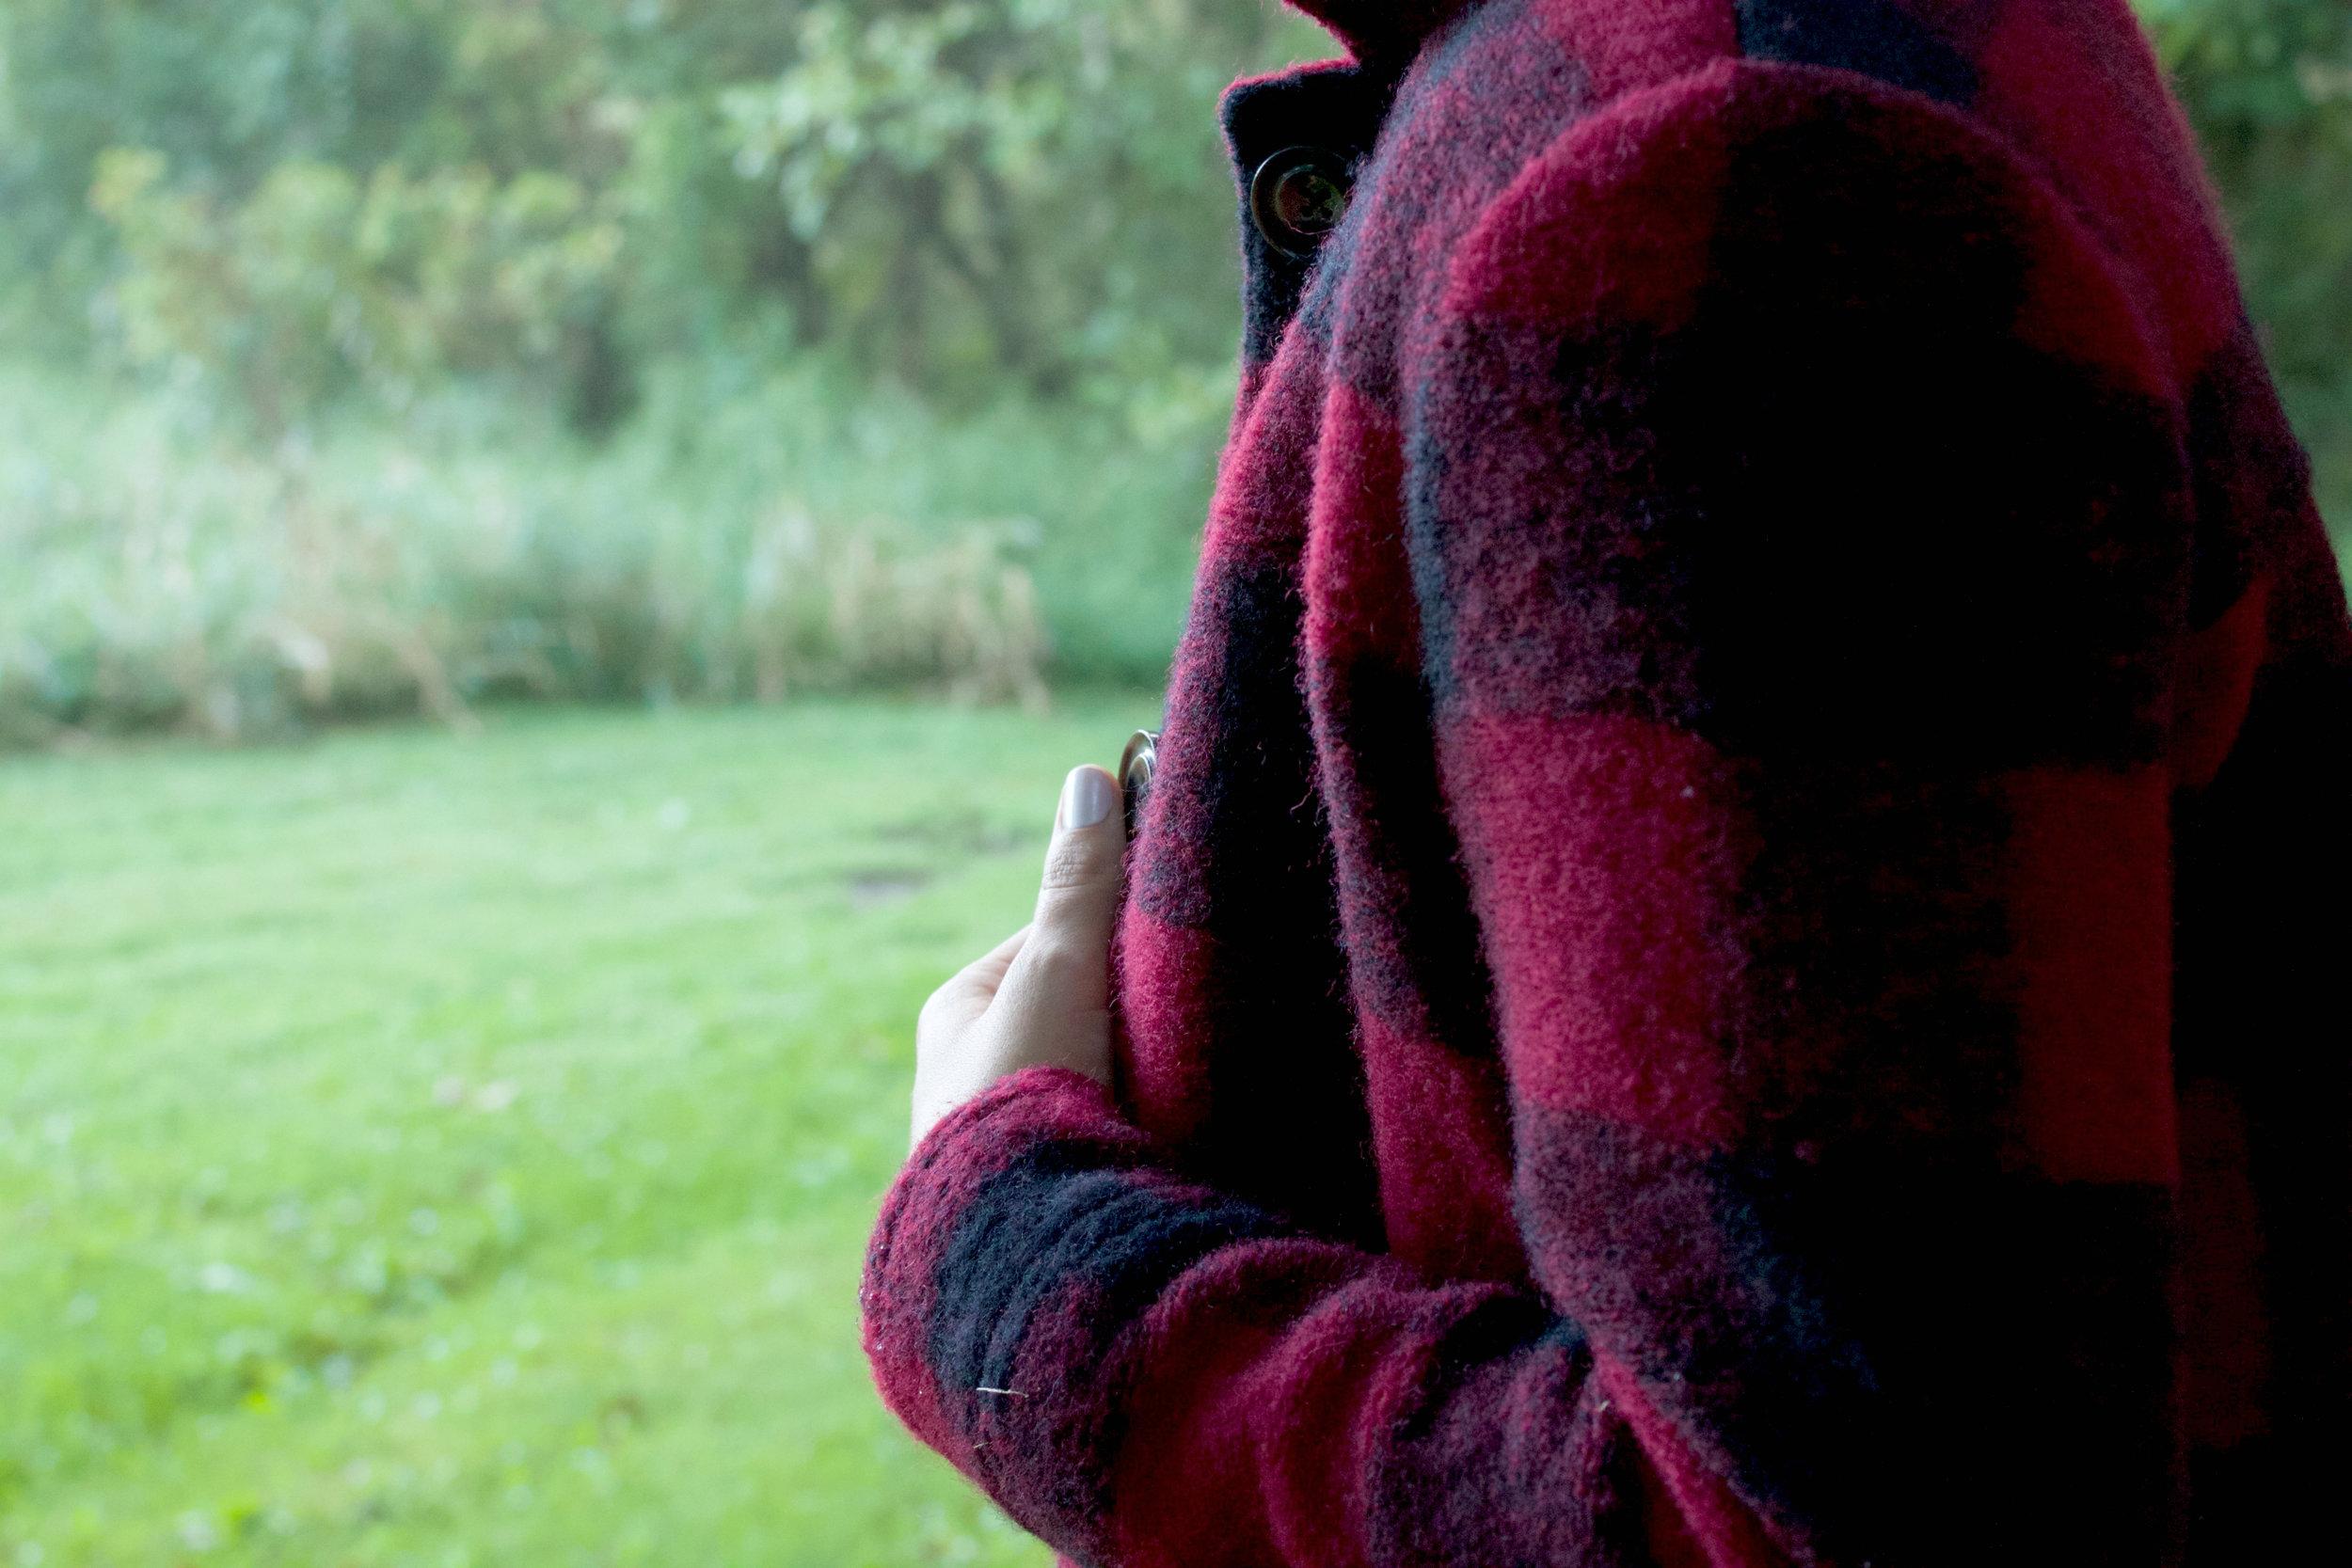 Buffalo Plaid Wool Jacket - Forever 21